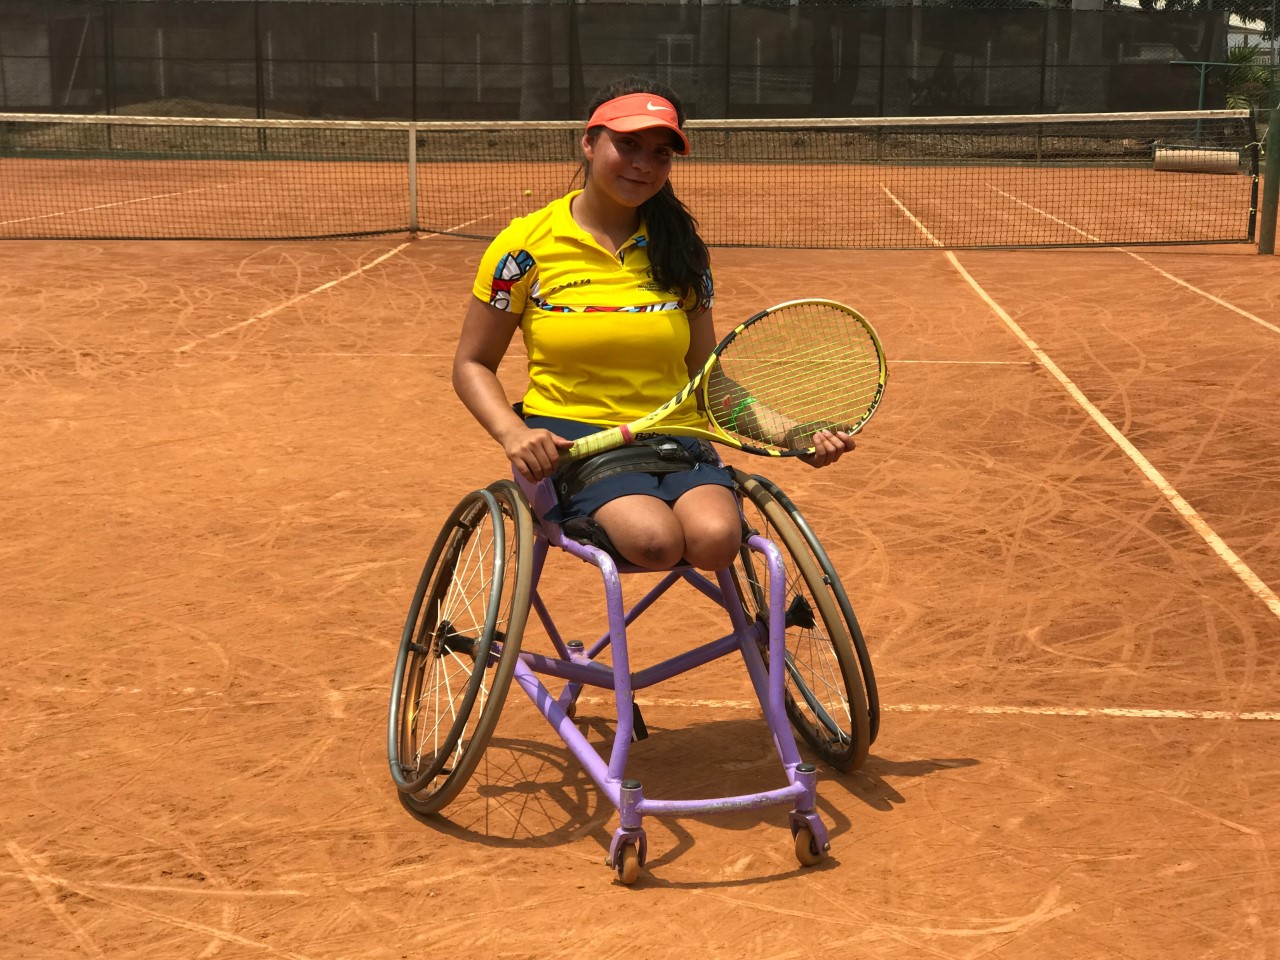 En el campo de tenis Zuly Rodríguez se prepara para brillar en los Juegos Paranacionales 2019